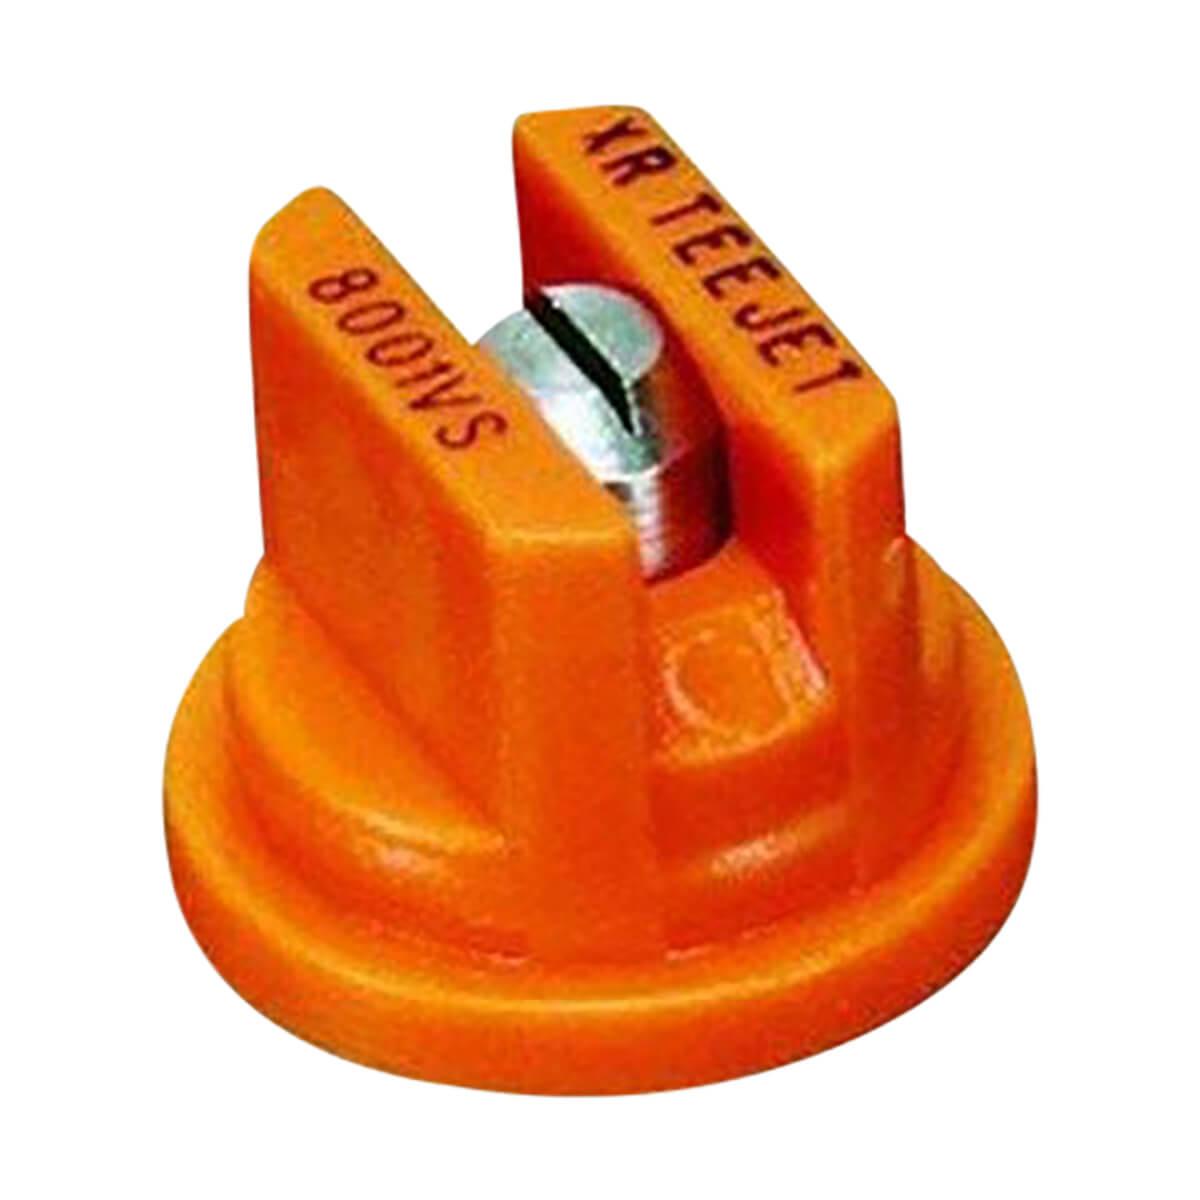 Teejet XR 80 Degree Extended Range Spray Tip - 4 pack, Orange